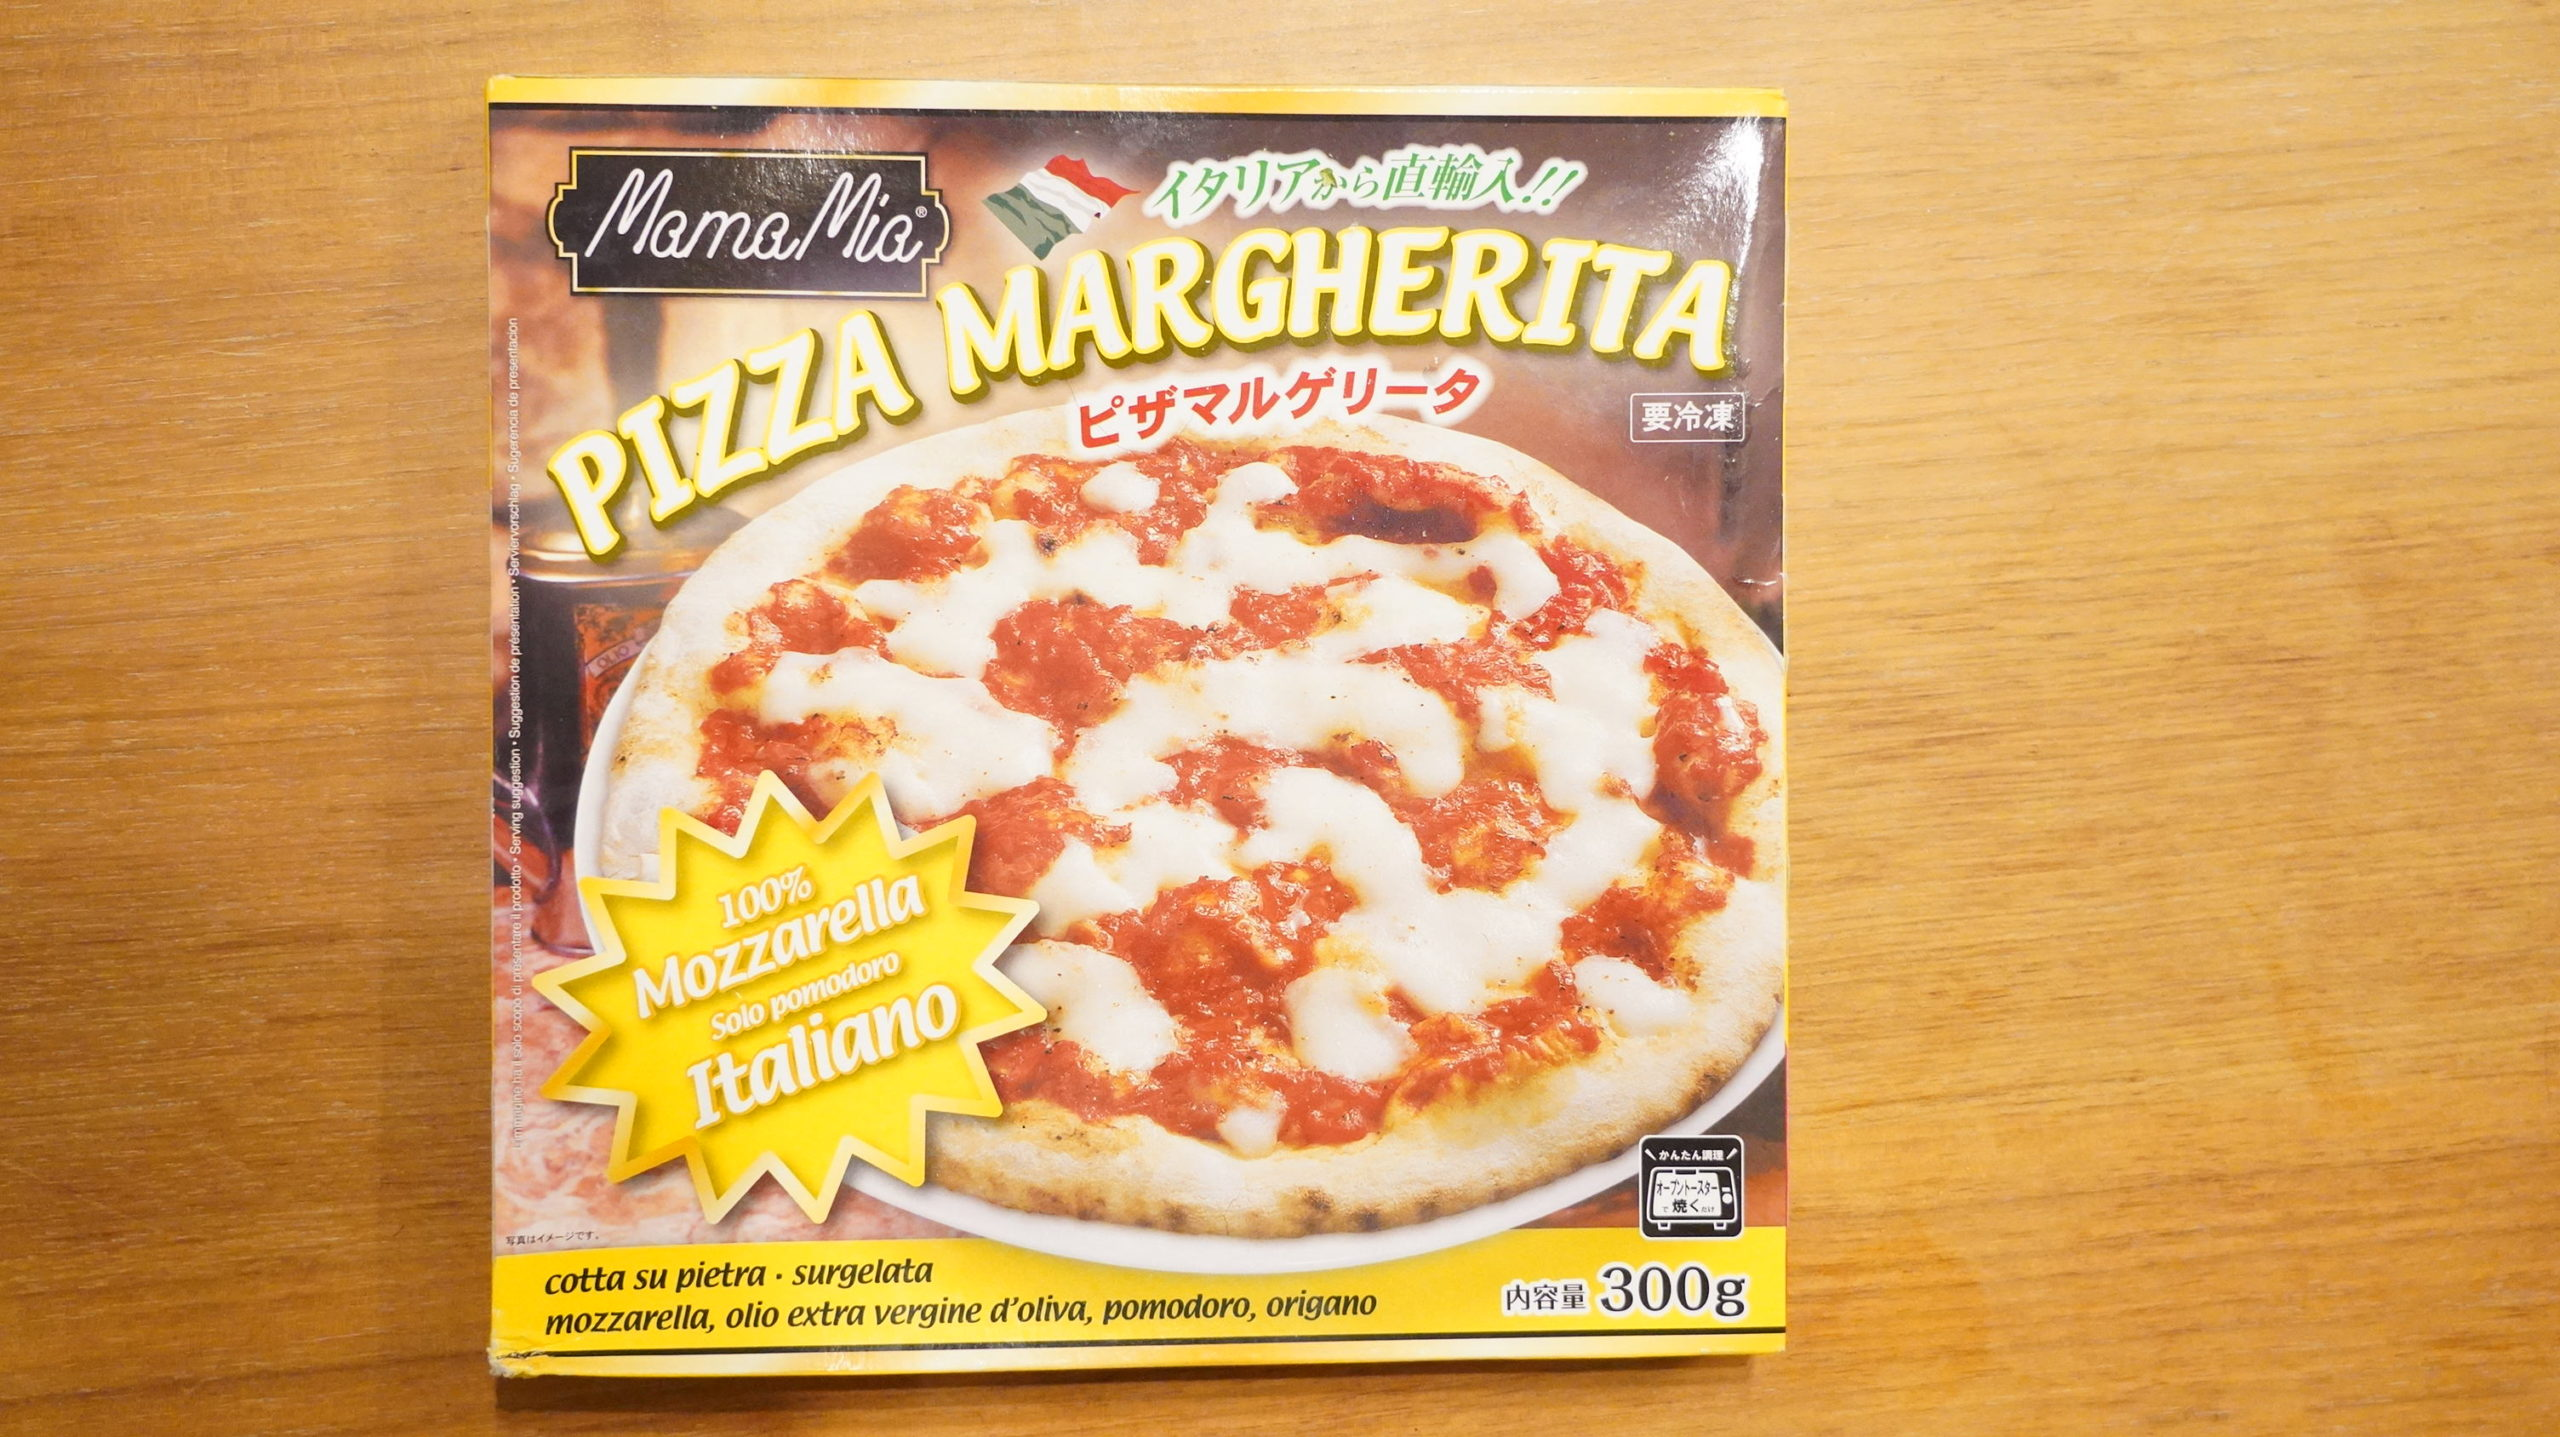 業務スーパーのおすすめ冷凍食品「ピザ・マルゲリータ」のパッケージの写真